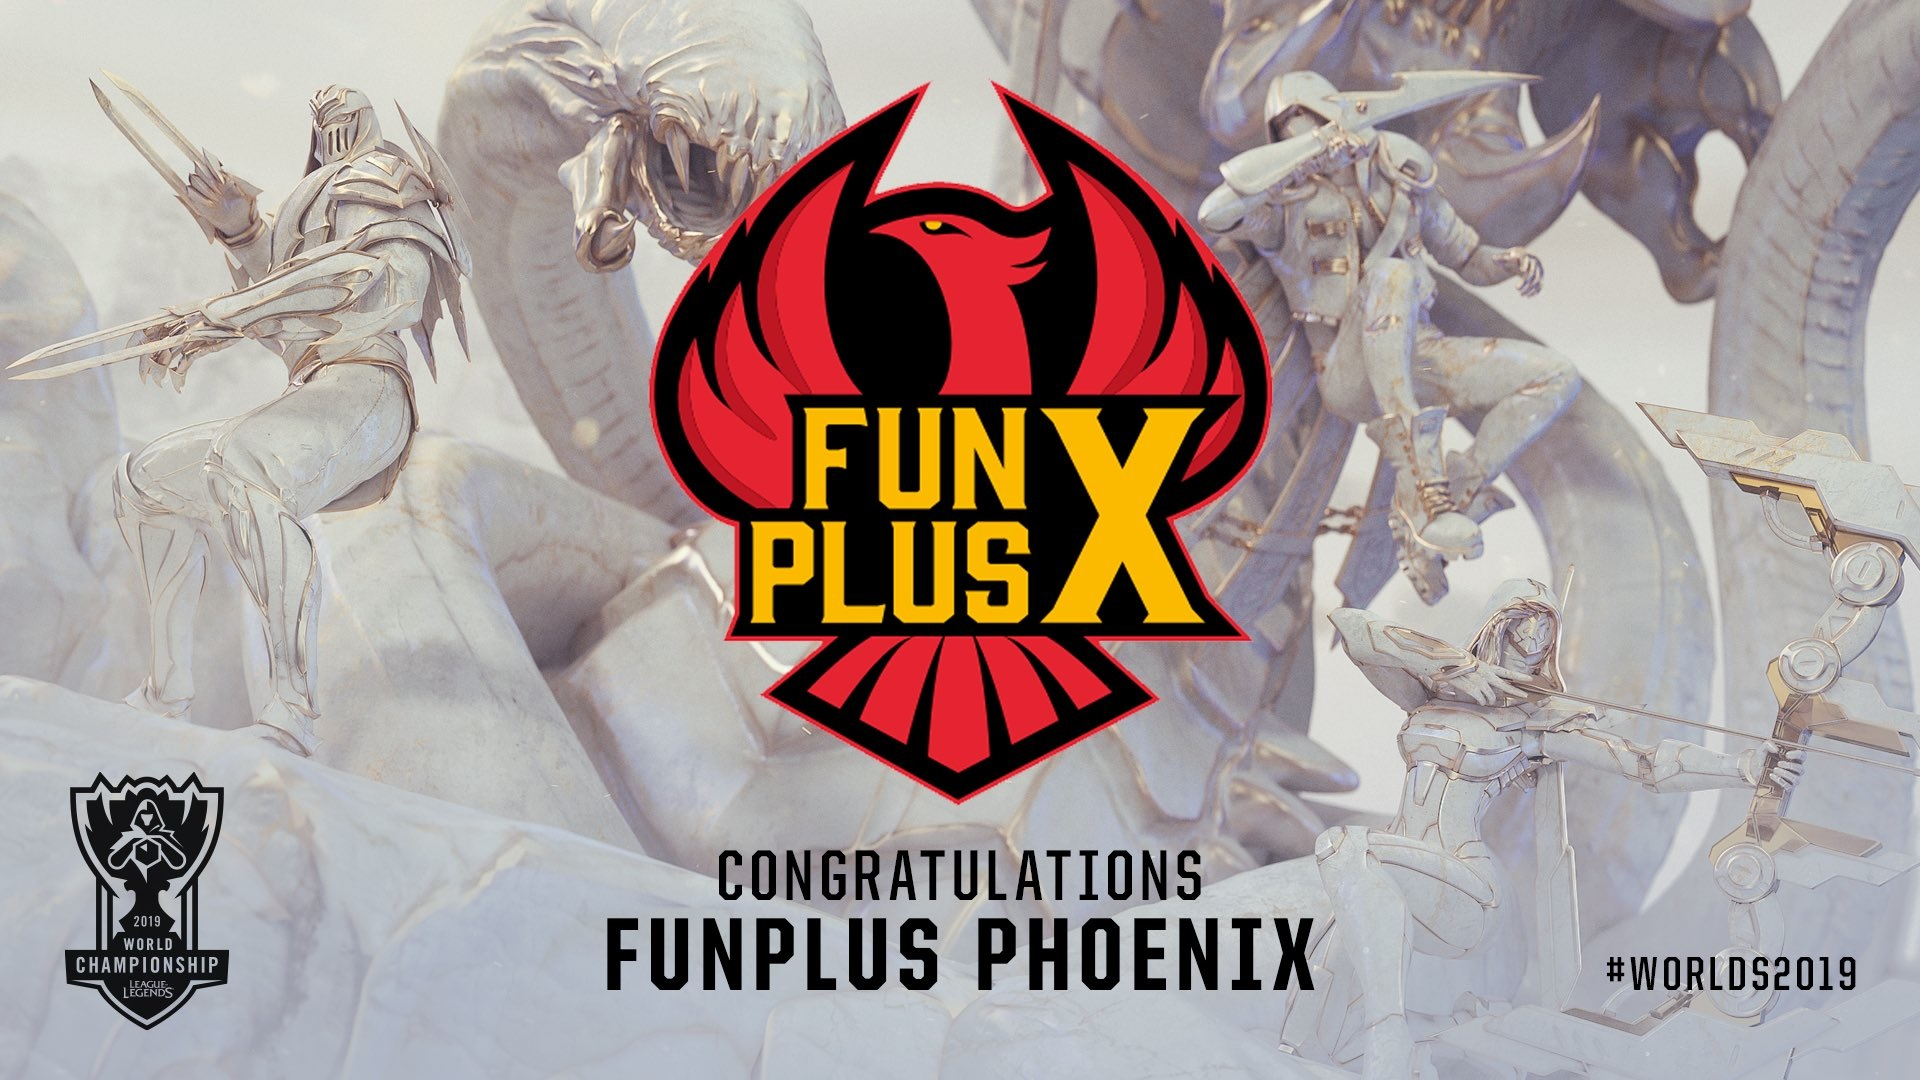 Αποτέλεσμα εικόνας για fun plus phoenix